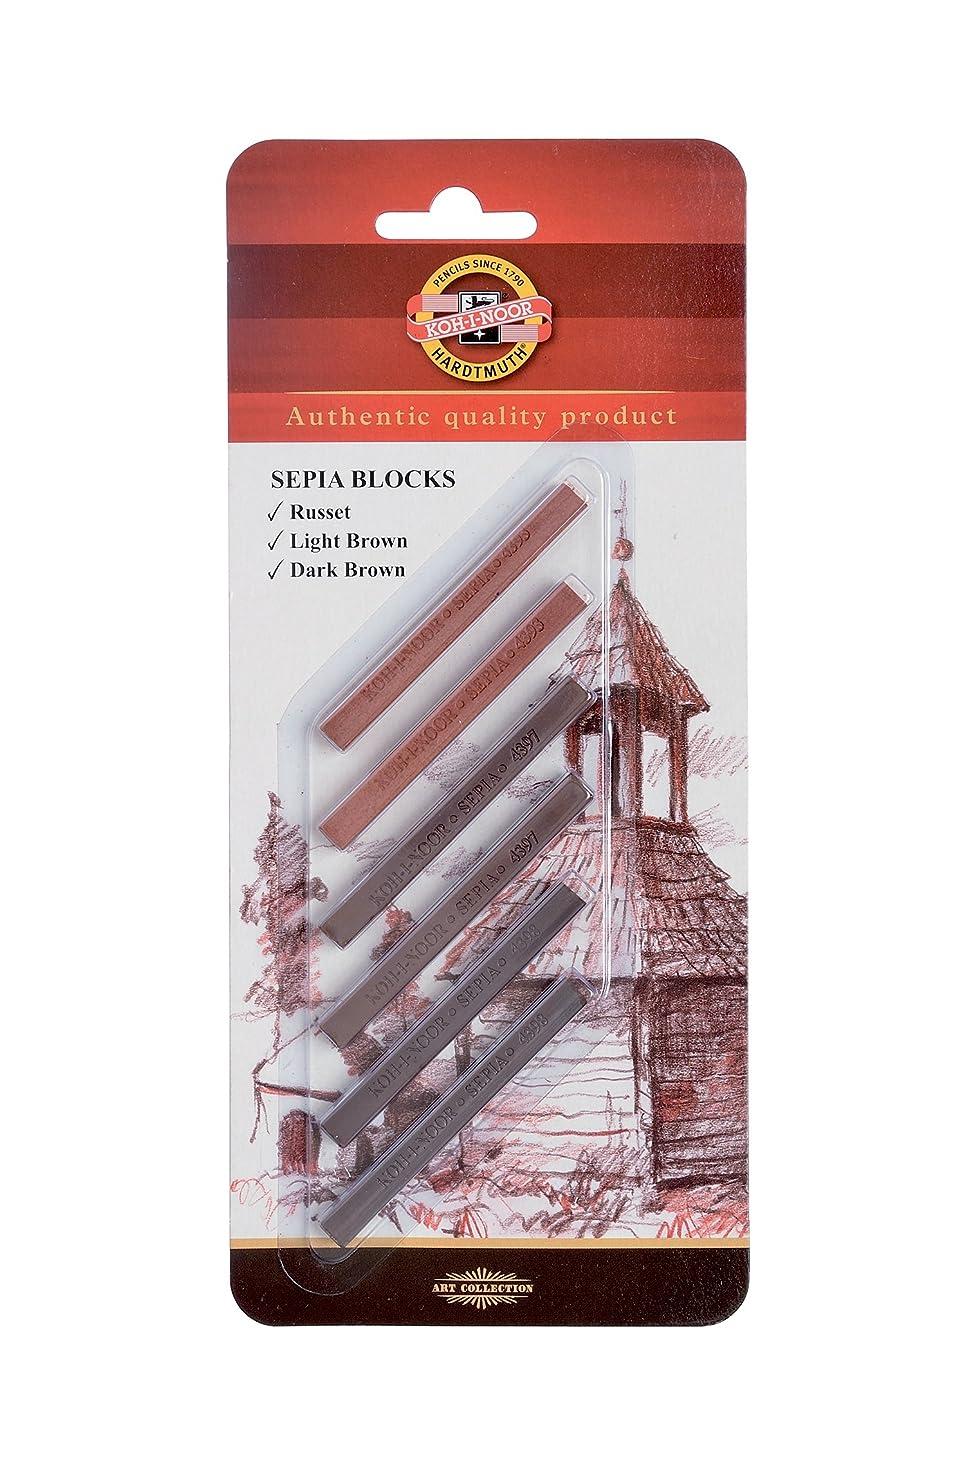 Koh-I-Noor FA4392 Gioconda Artist Sepia Blocks, 6-Pack